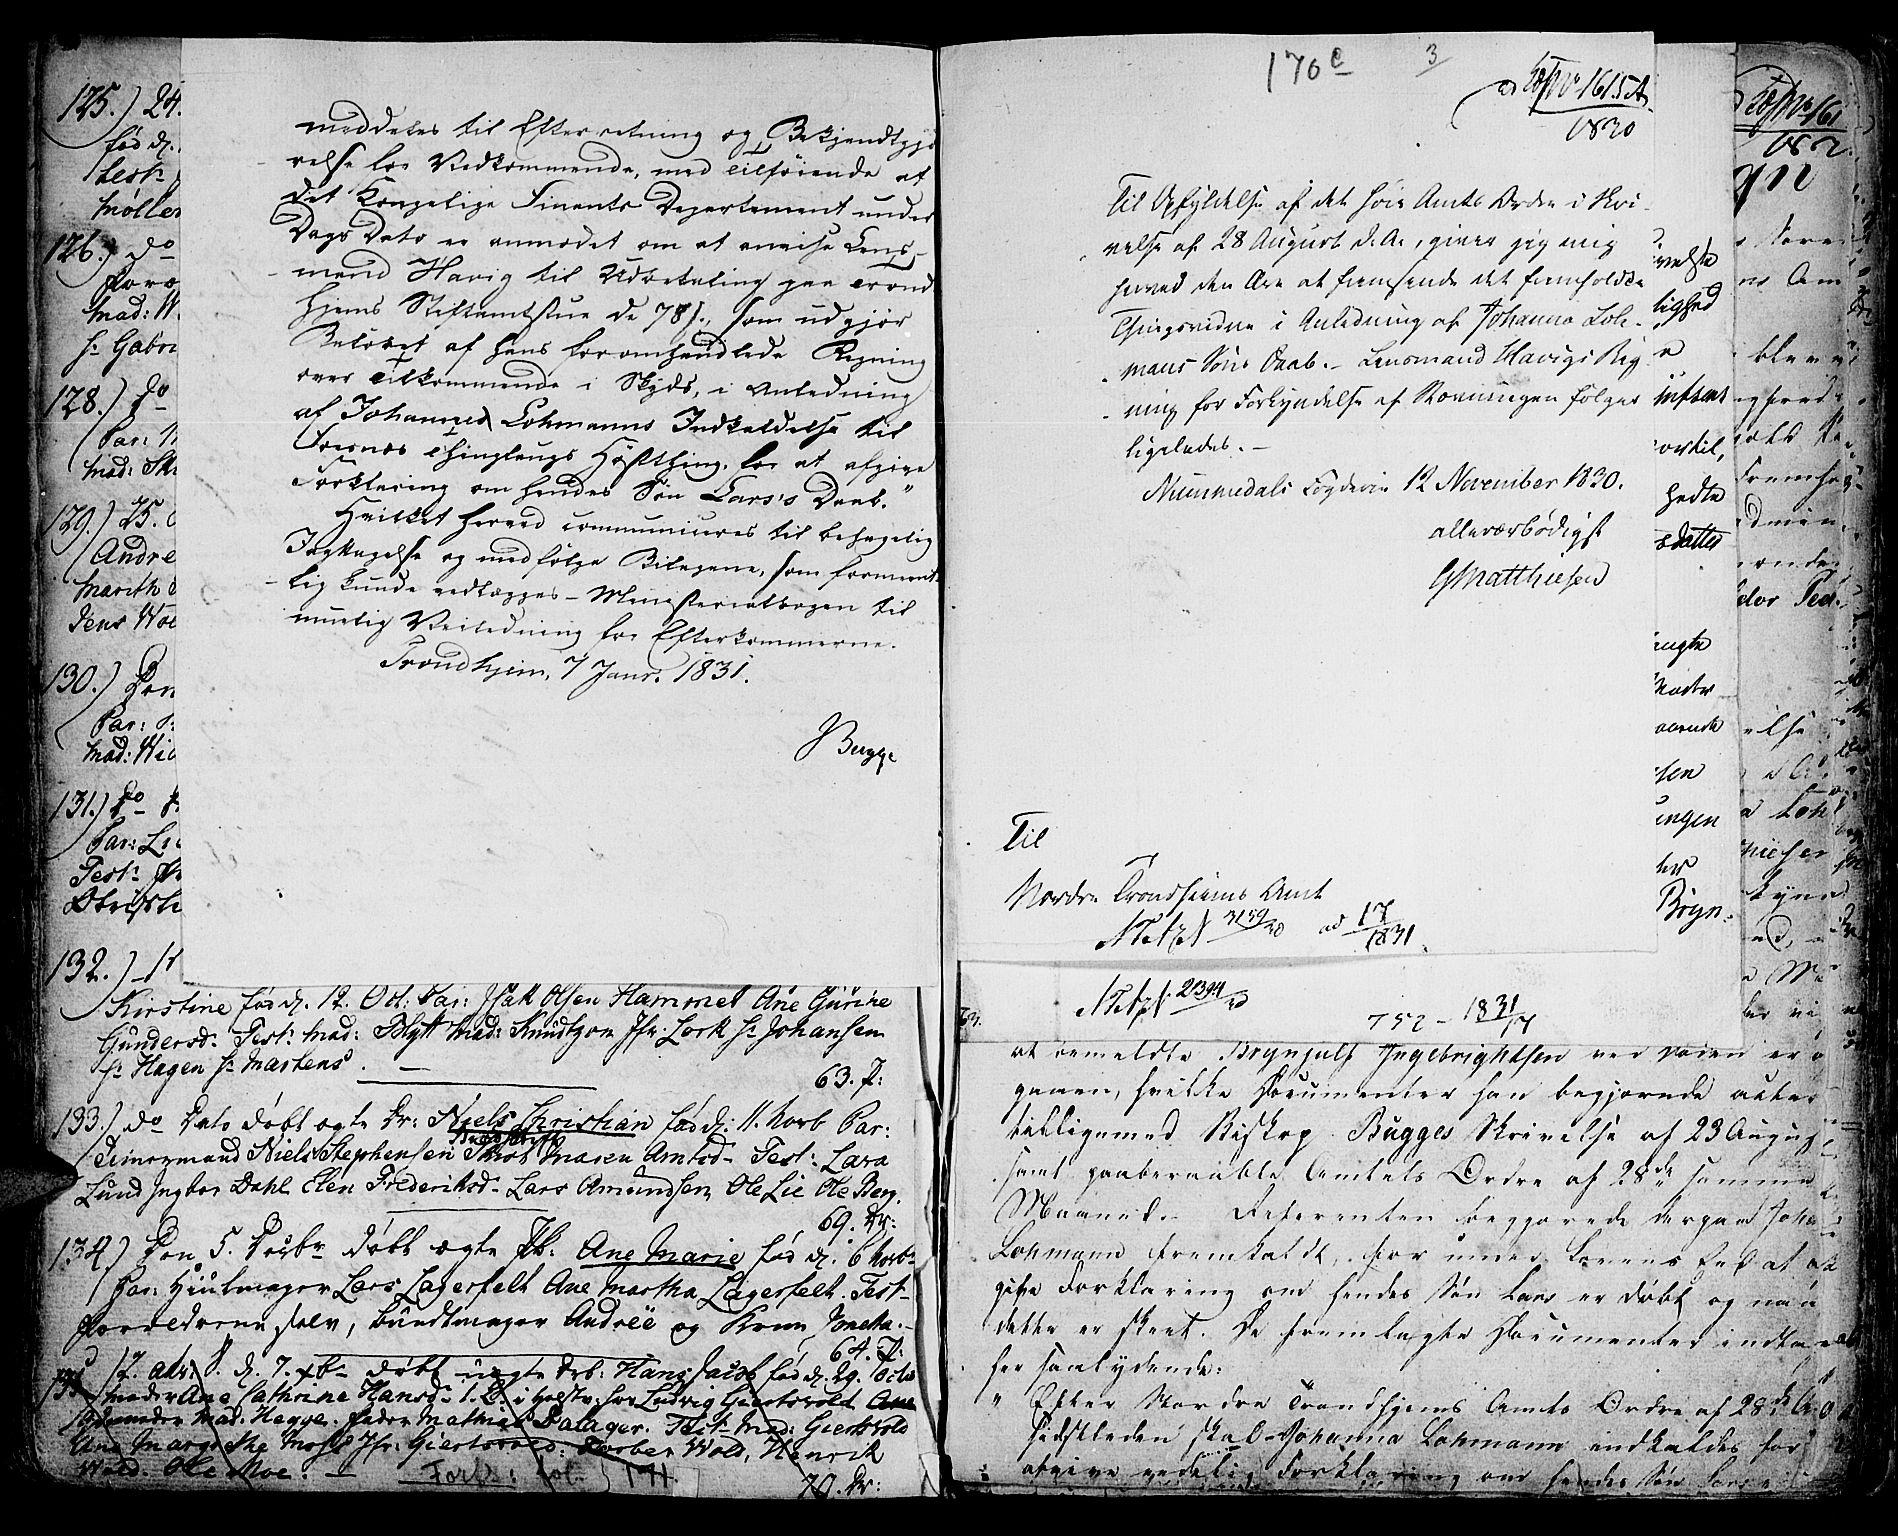 SAT, Ministerialprotokoller, klokkerbøker og fødselsregistre - Sør-Trøndelag, 601/L0039: Ministerialbok nr. 601A07, 1770-1819, s. 170c